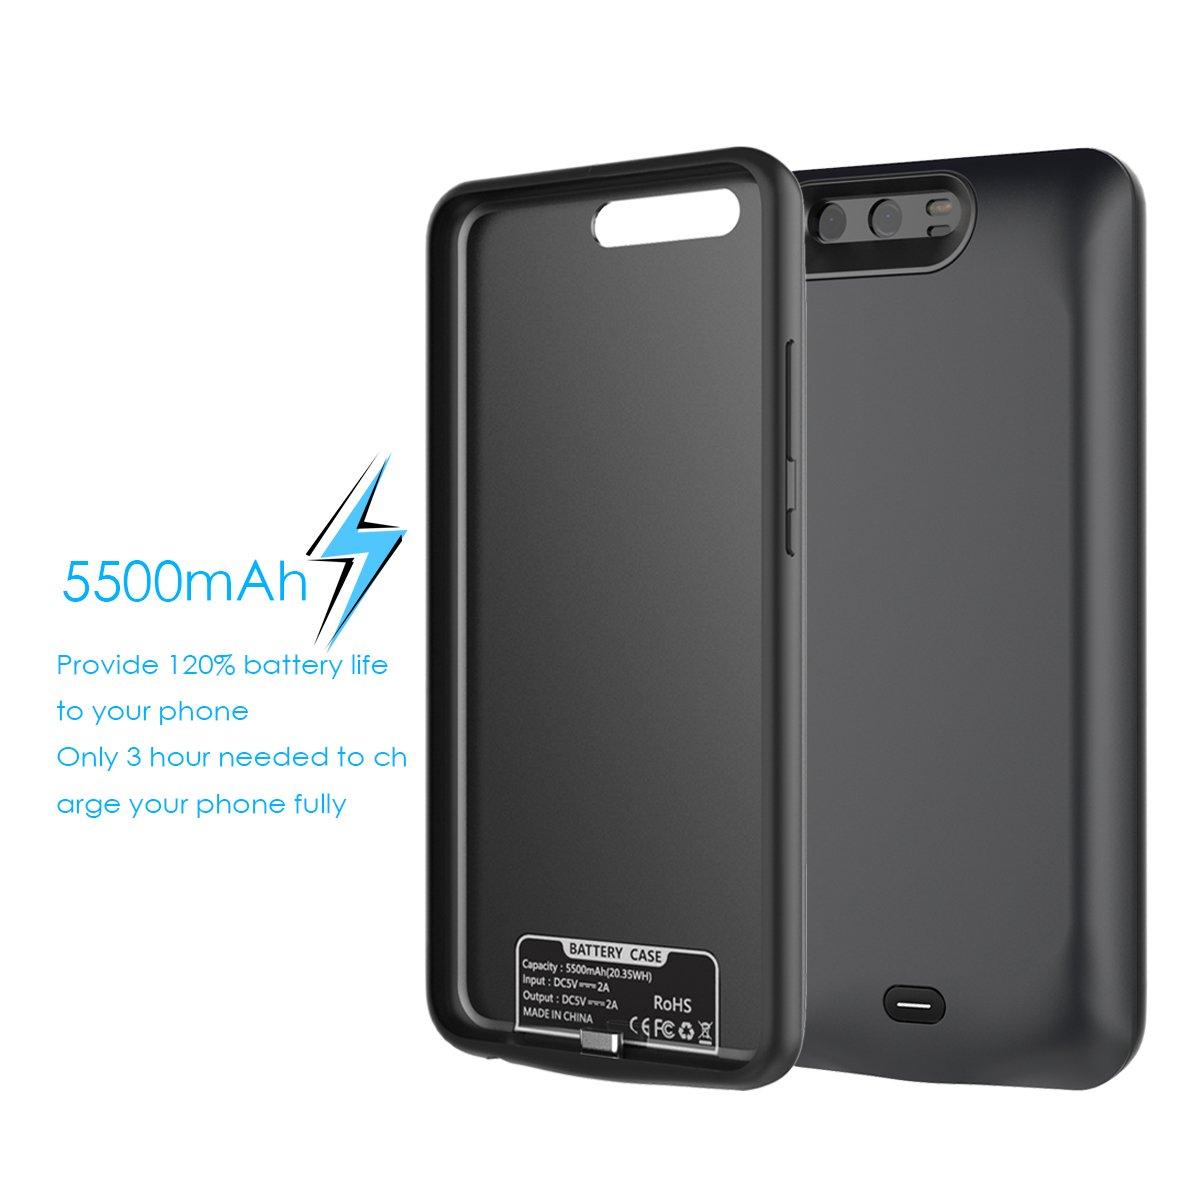 BasicStock 5500mAh Rechargeable Coque avec Batterie Noir Externe Chargeur Batterie Portable Power Bank Extended Juice Pack Antichoc Housse de Protection pour Huawei P10 Coque Batterie Huawei P10